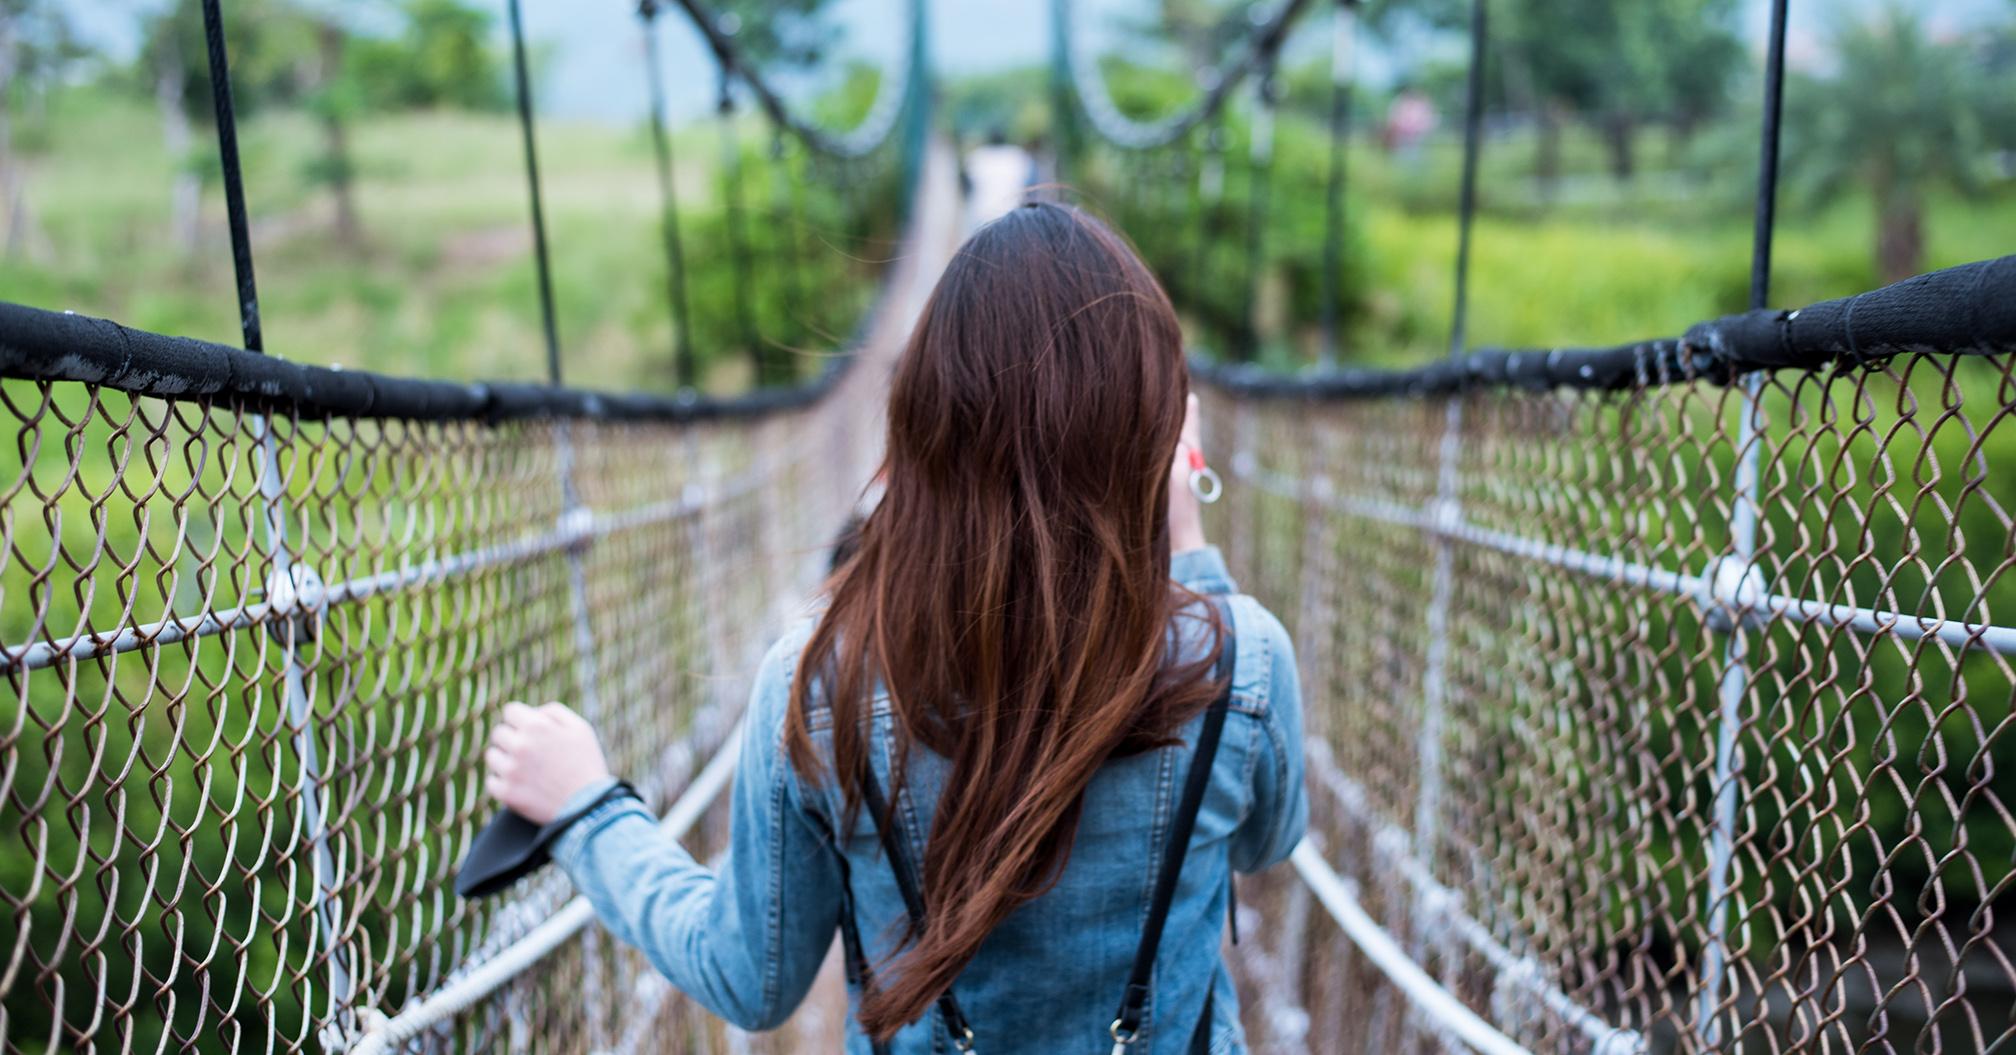 Junge Frau auf einer Luftbrücke zum Thema Leichte Sprache in barrierefreier Kommunikation.